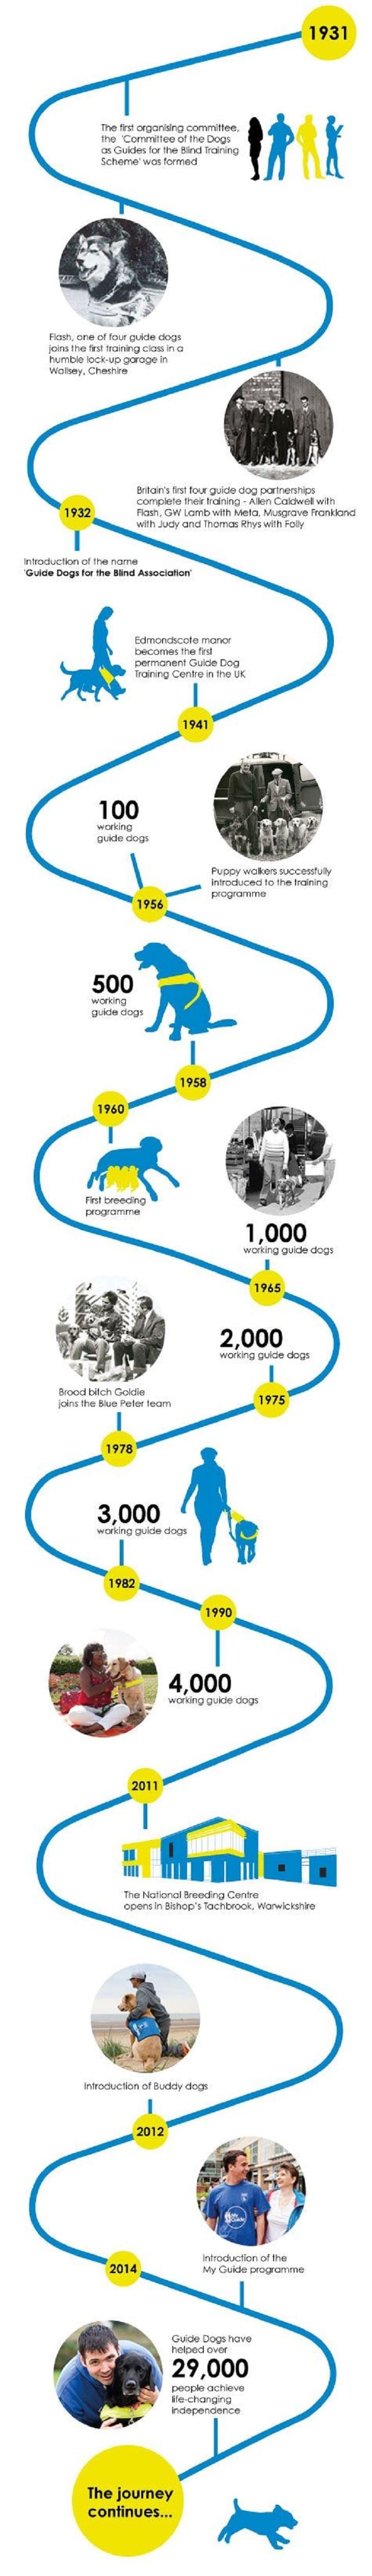 Los perros guía infografía